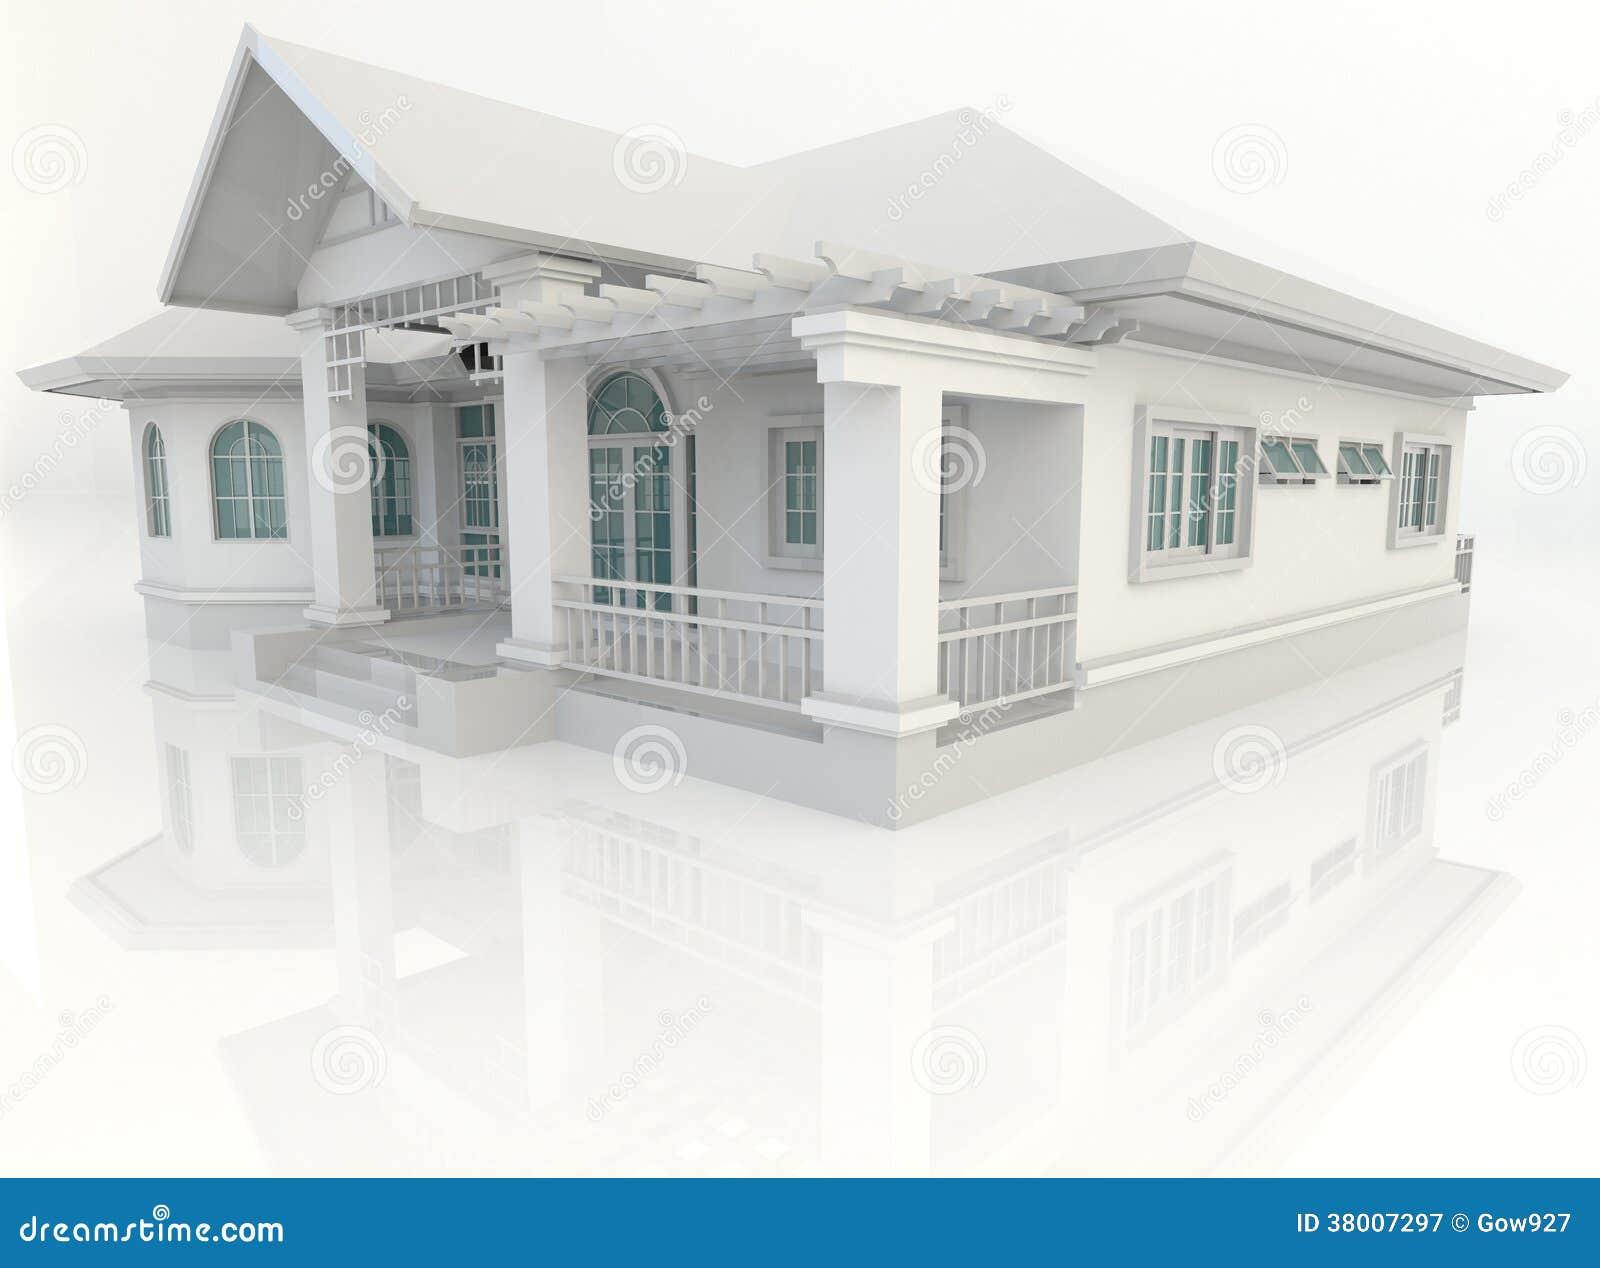 Dise o exterior de la casa del vintage 3d con el - Diseno exterior de casas ...